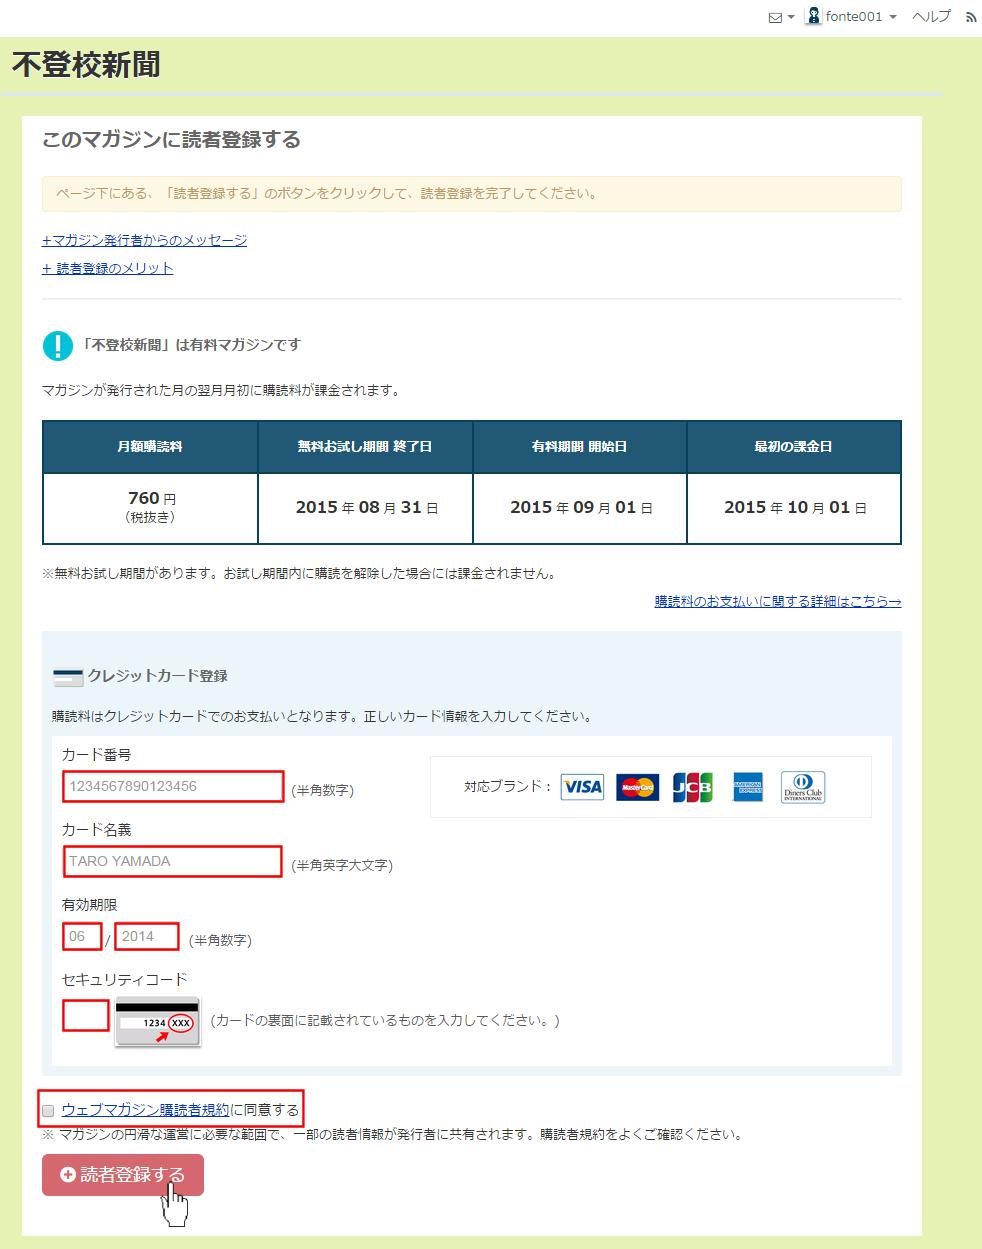 クレジット登録画面